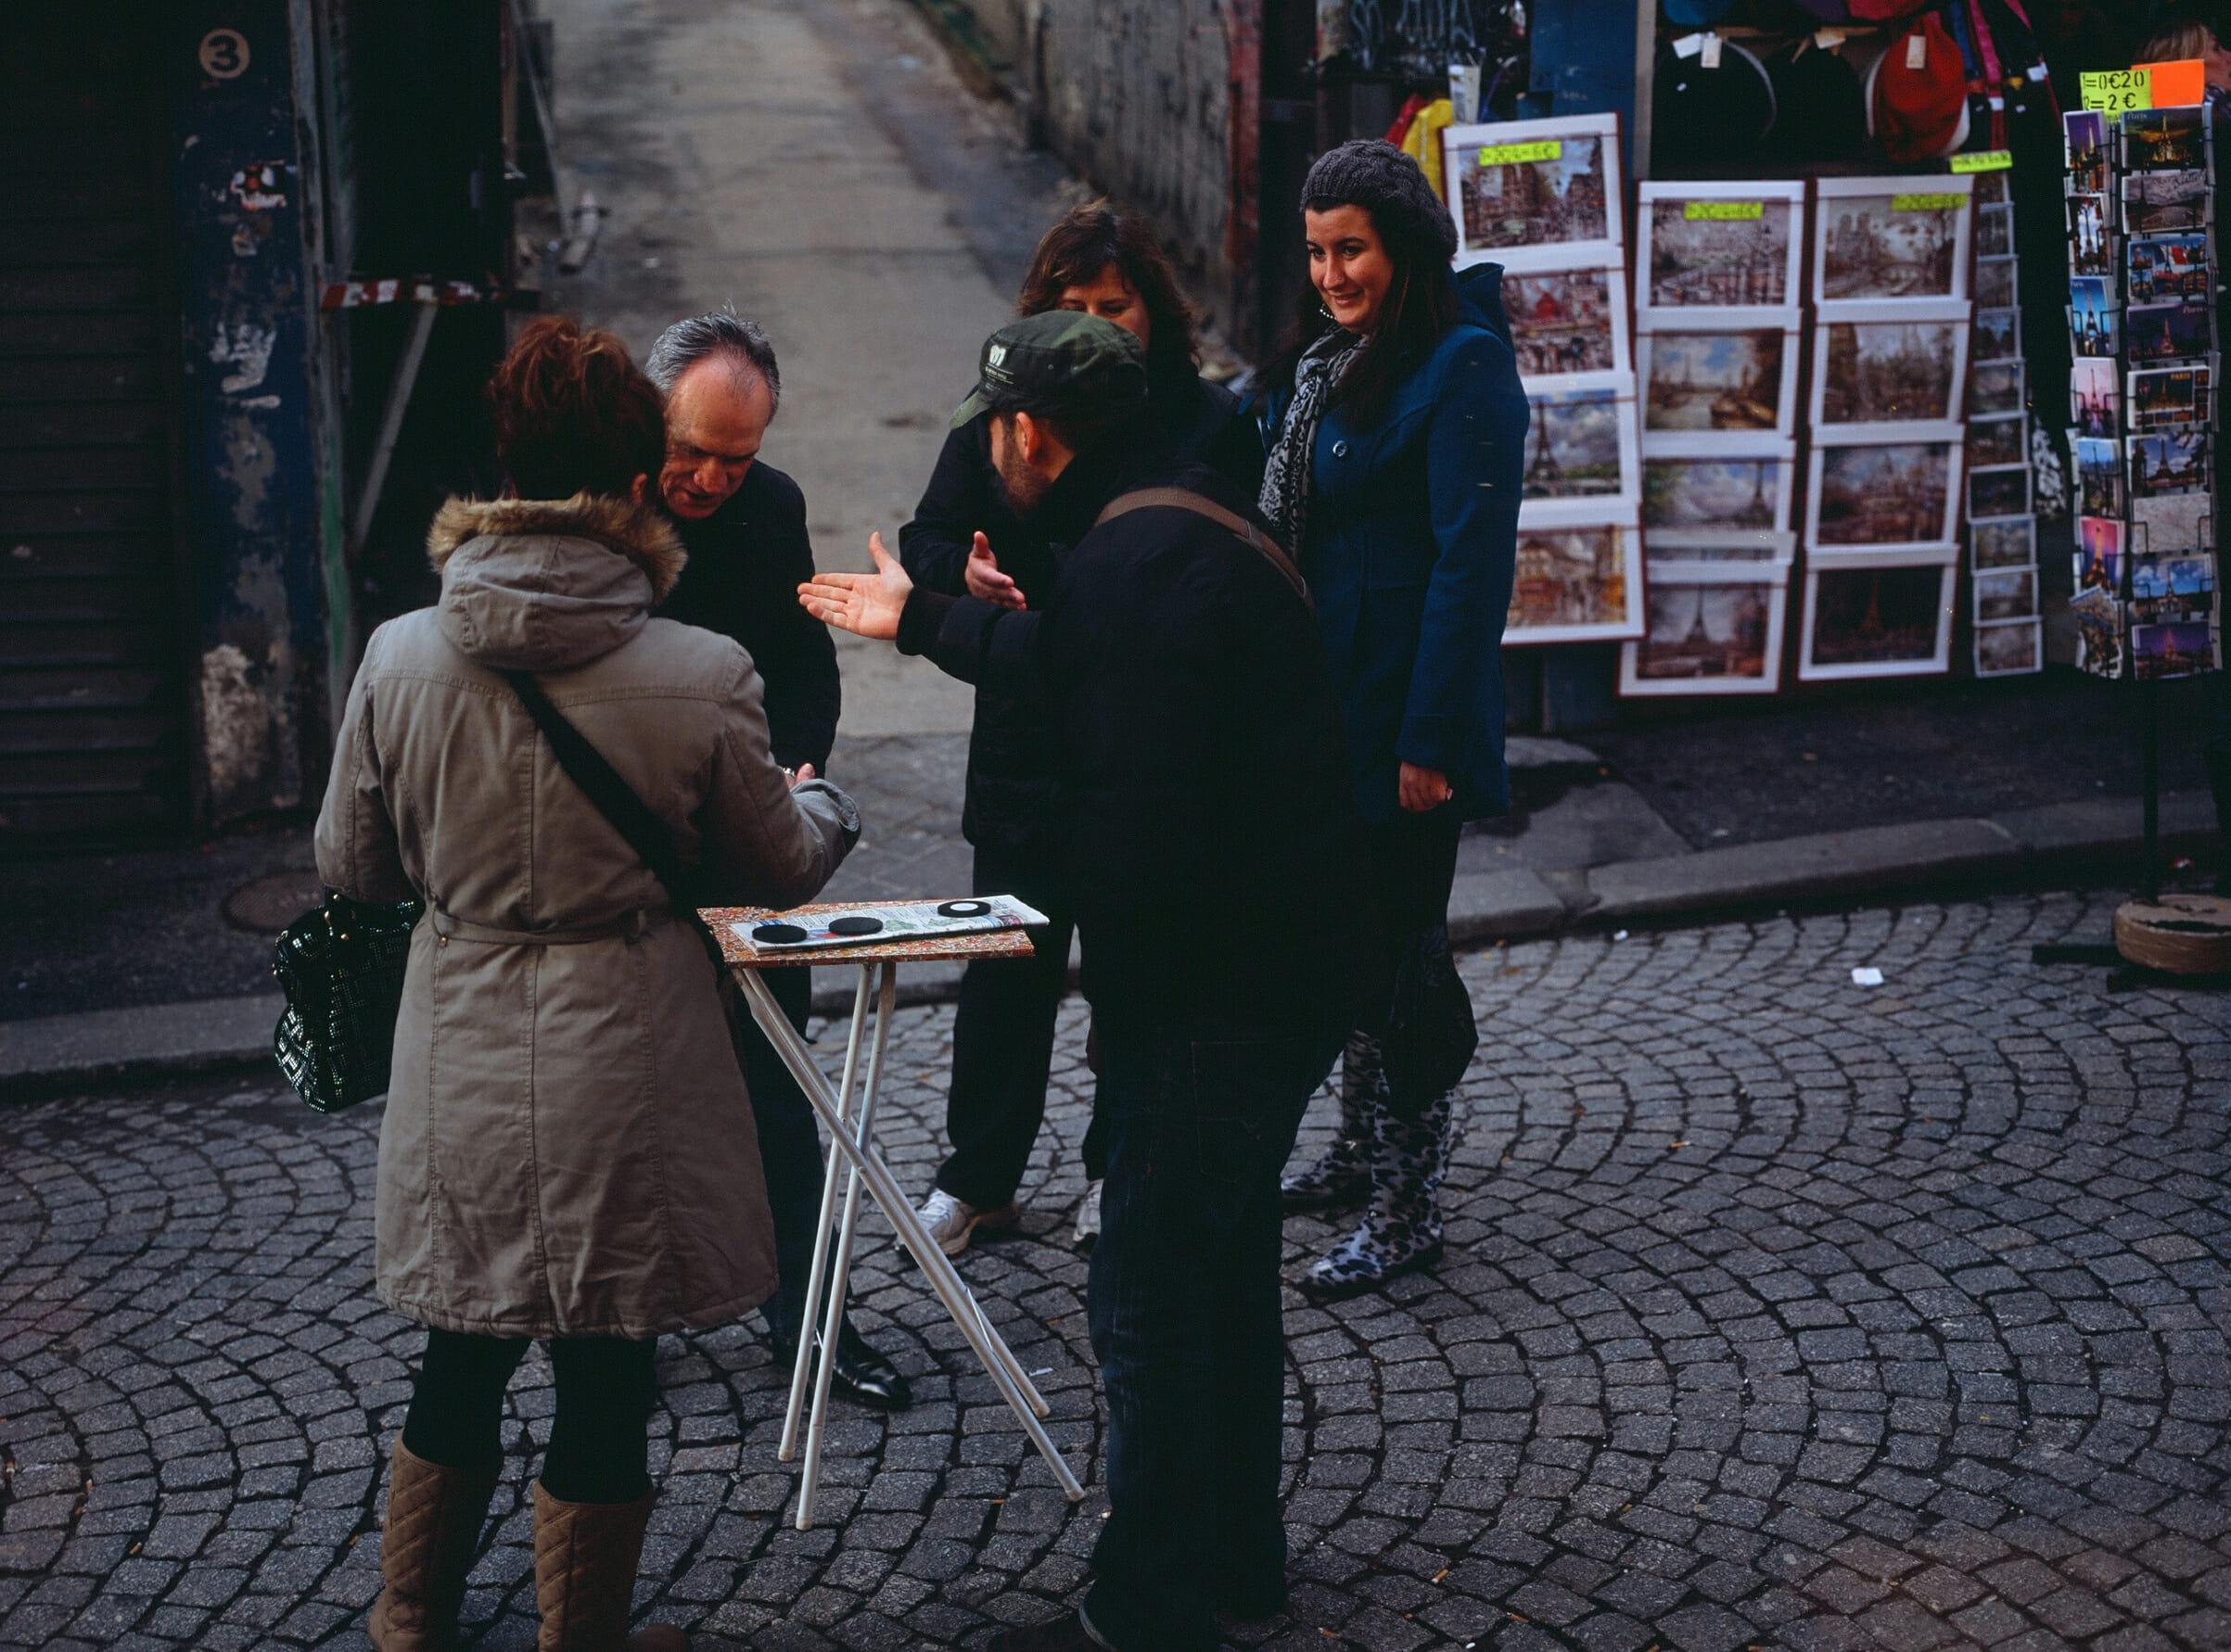 Tres mujeres y un hombre alrededor de un trilero en la calle.